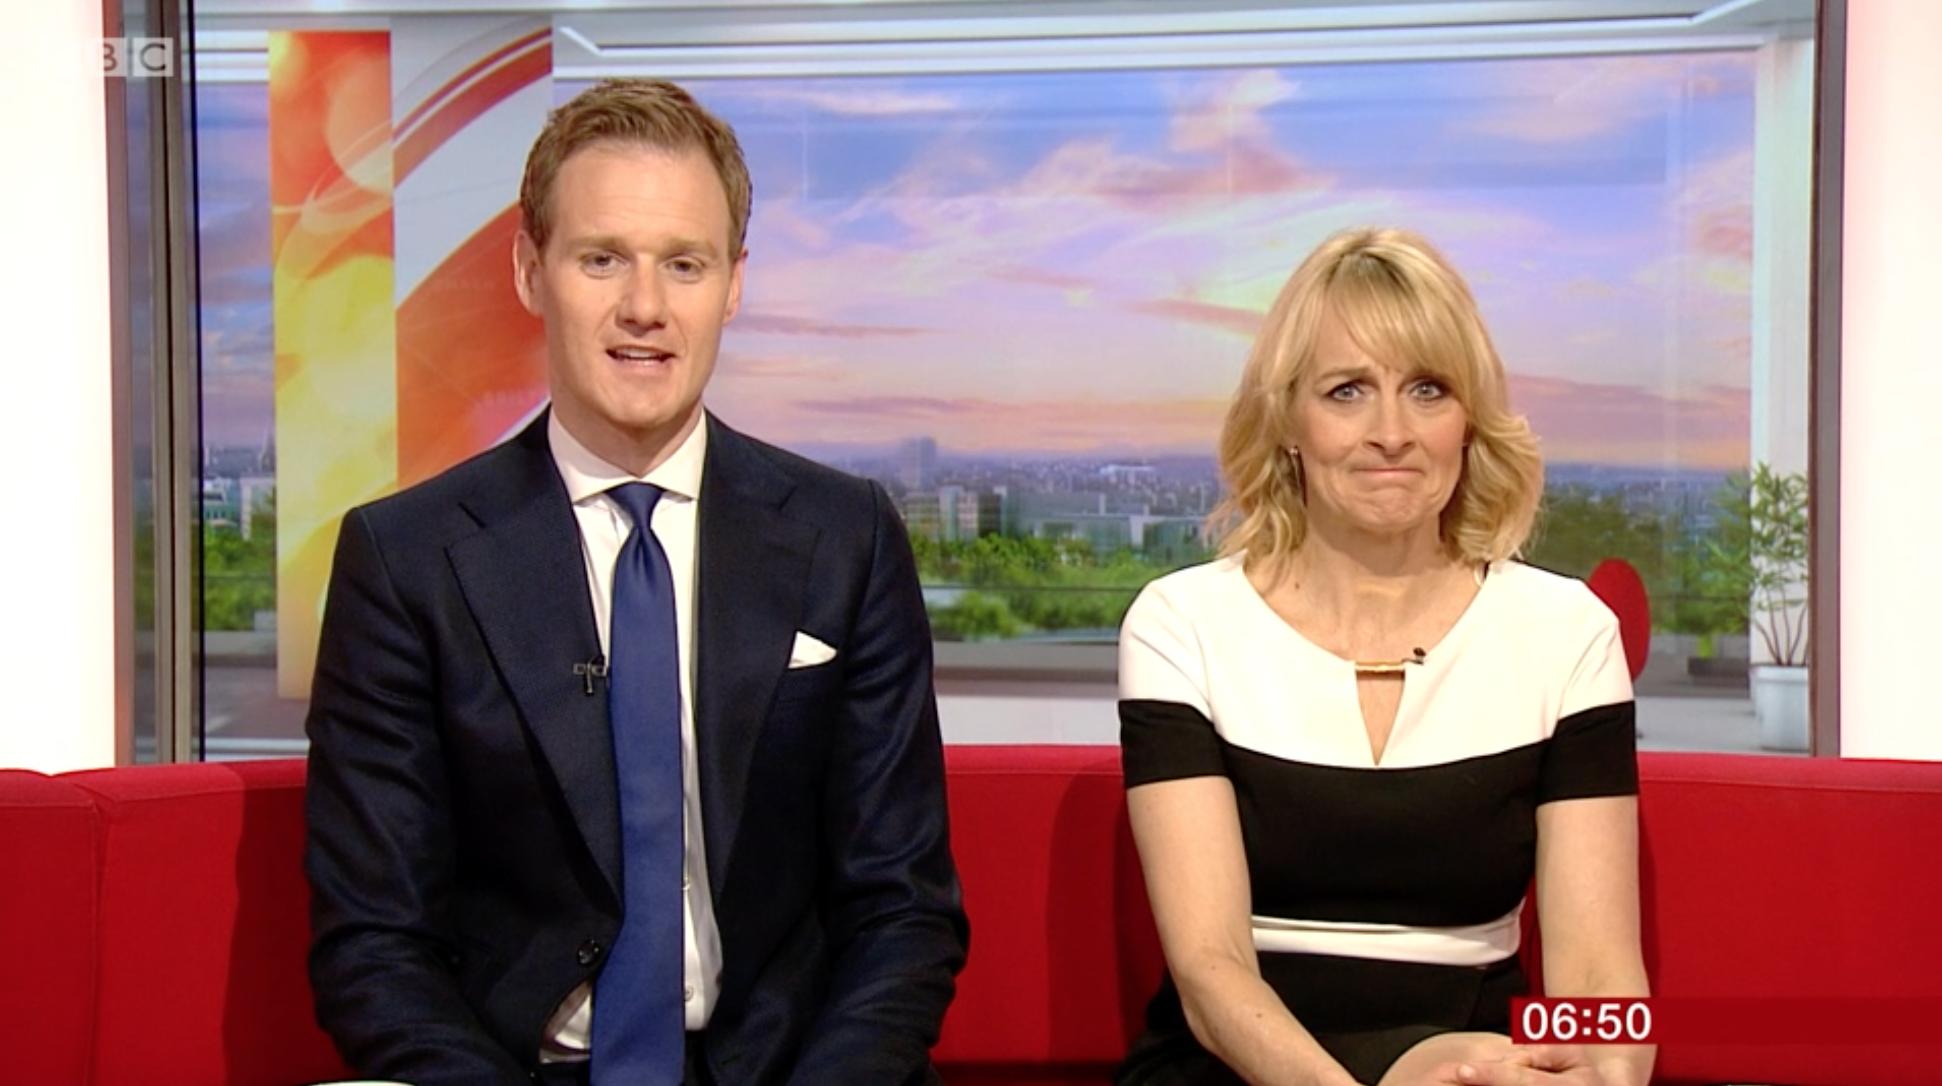 Dan Walker and Louise Minchin BBC Breakfast